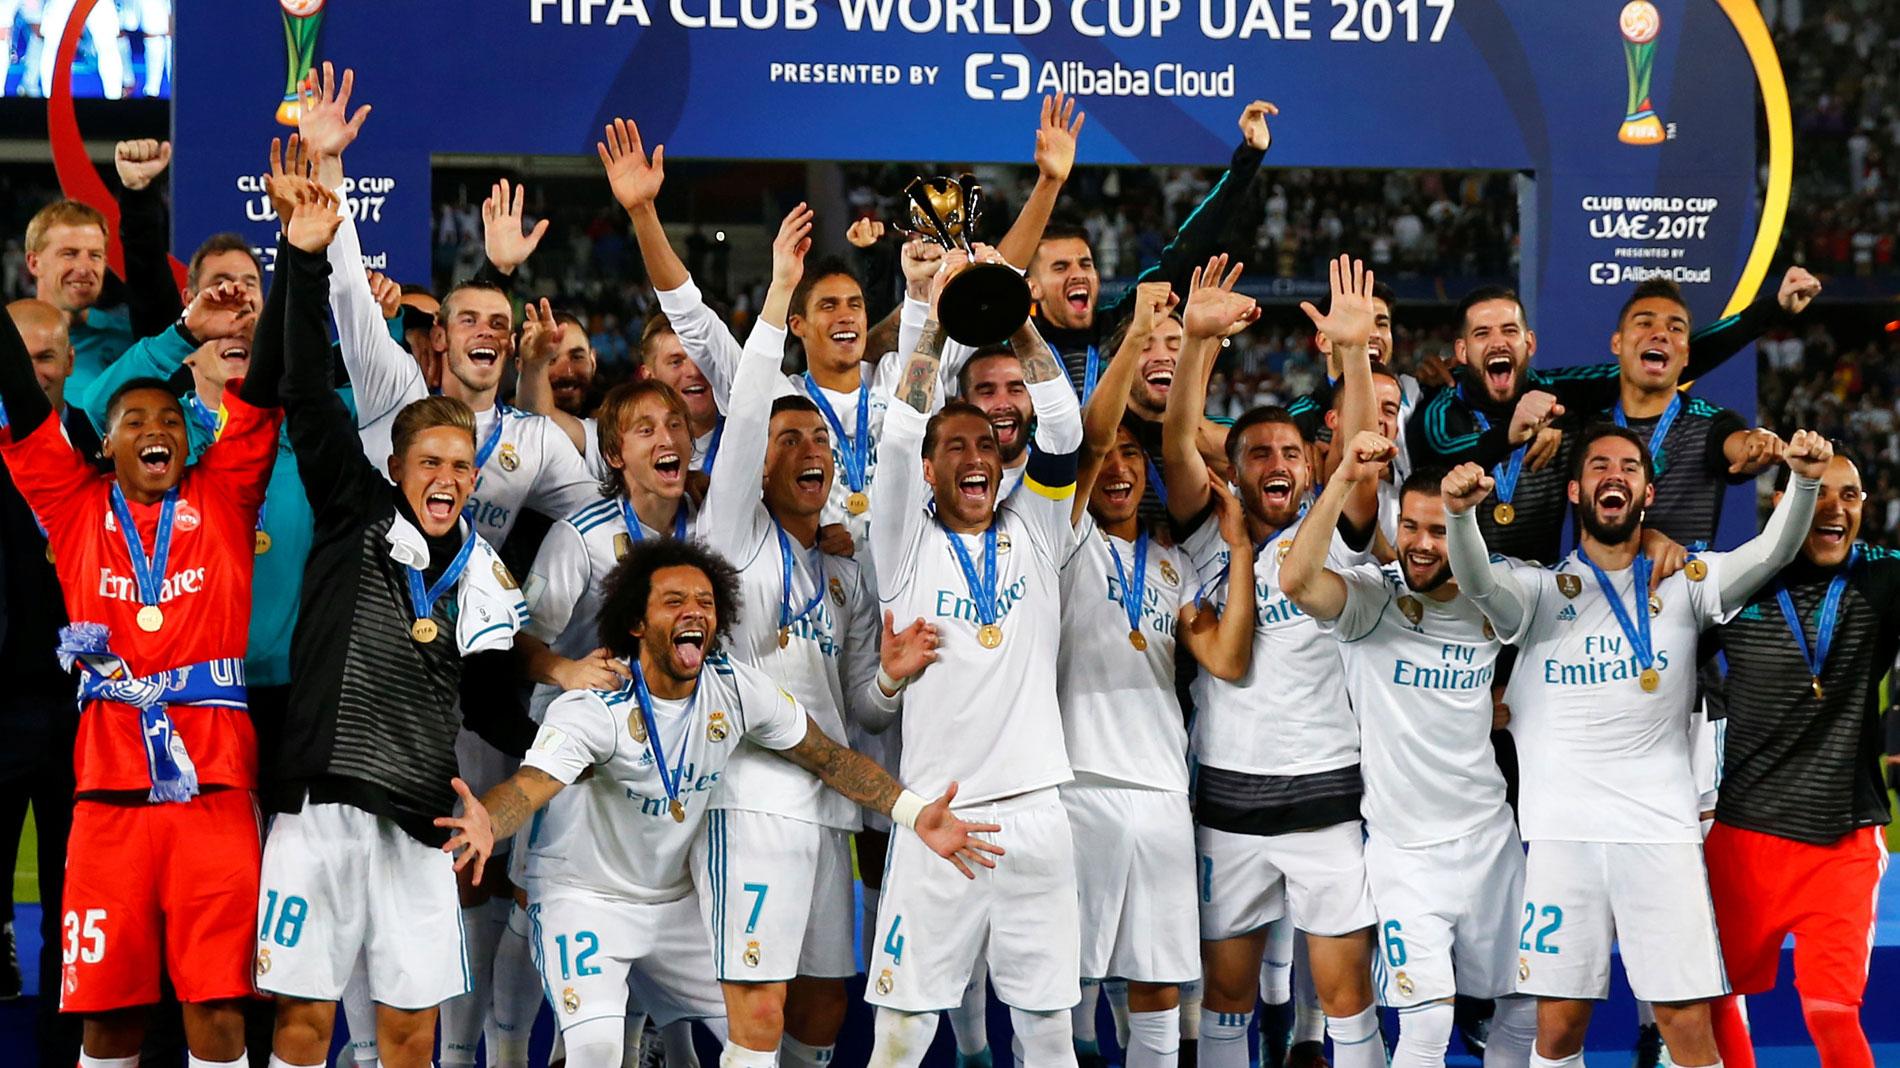 Mundialito 2017 el madrid campe n del mundo 2017 - Tarimas del mundo madrid ...